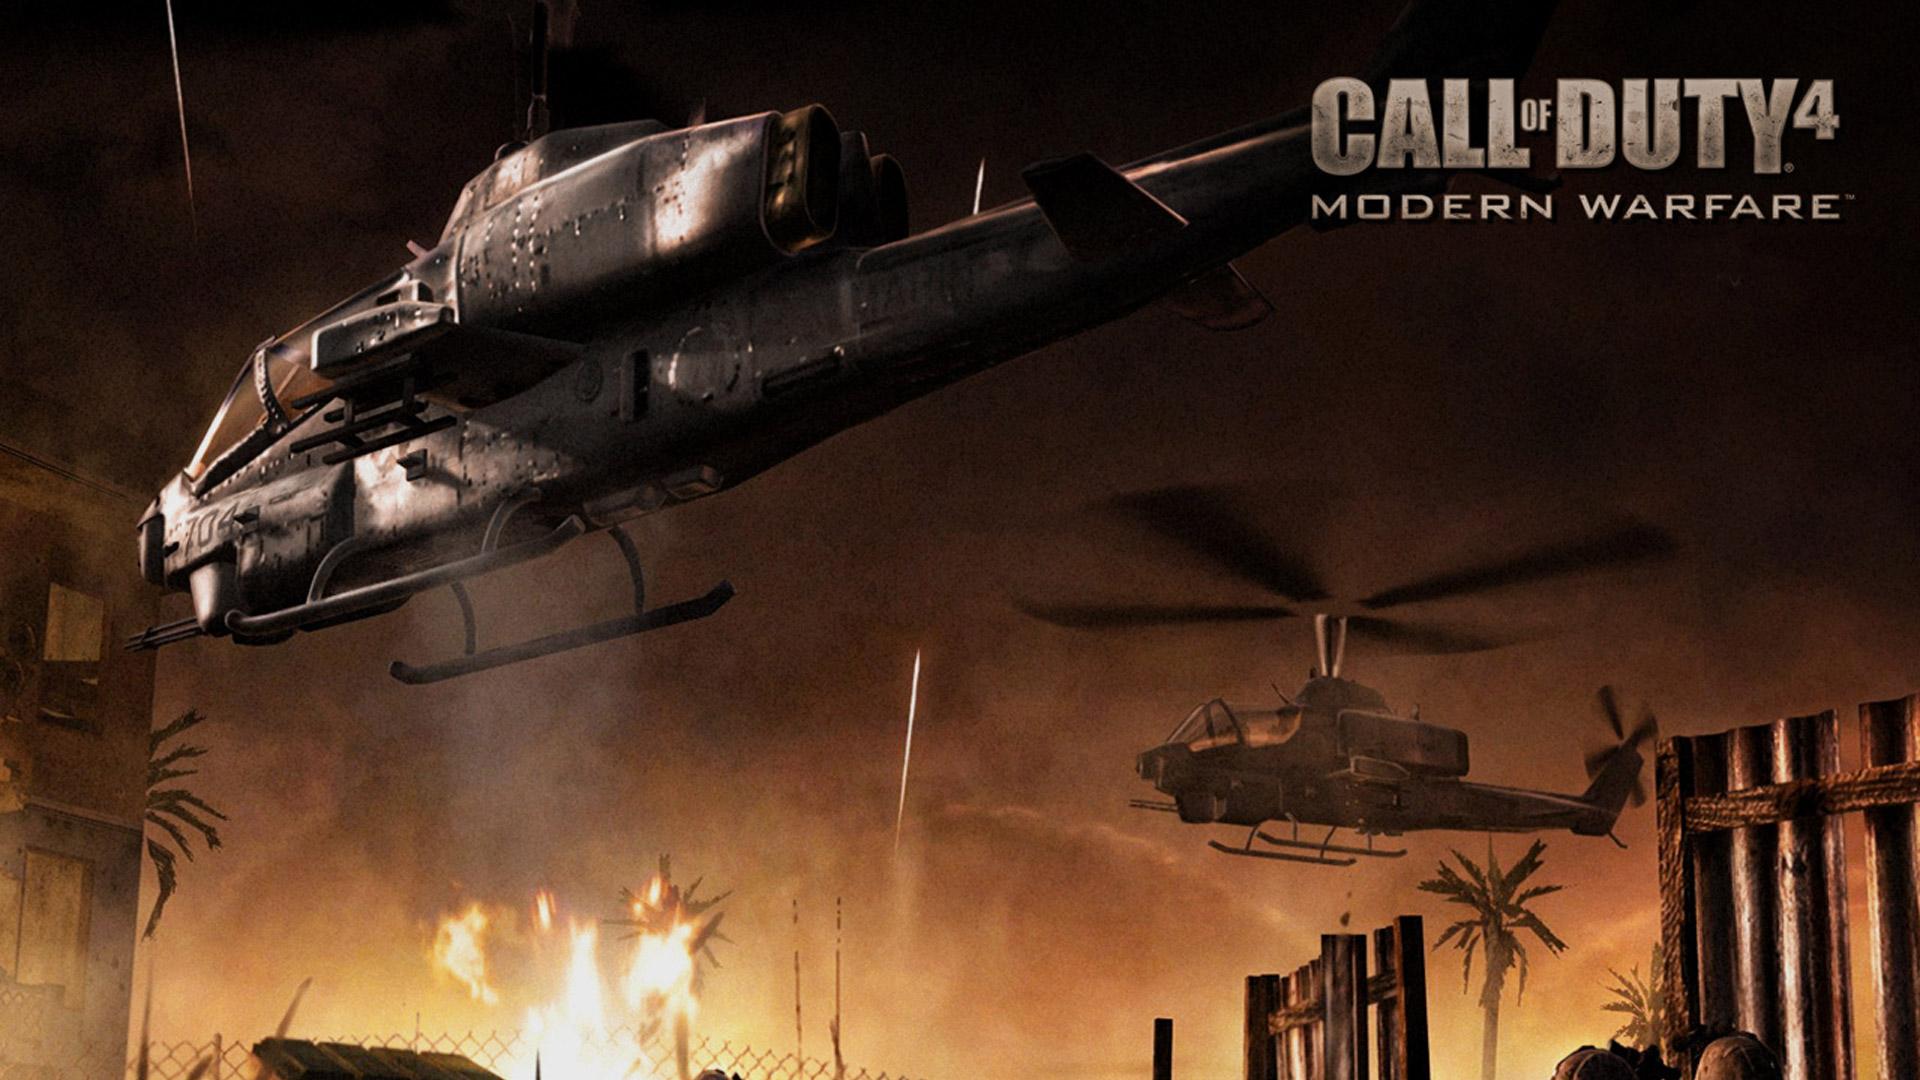 Call of Duty: Modern Warfare Wallpaper in 1920x1080